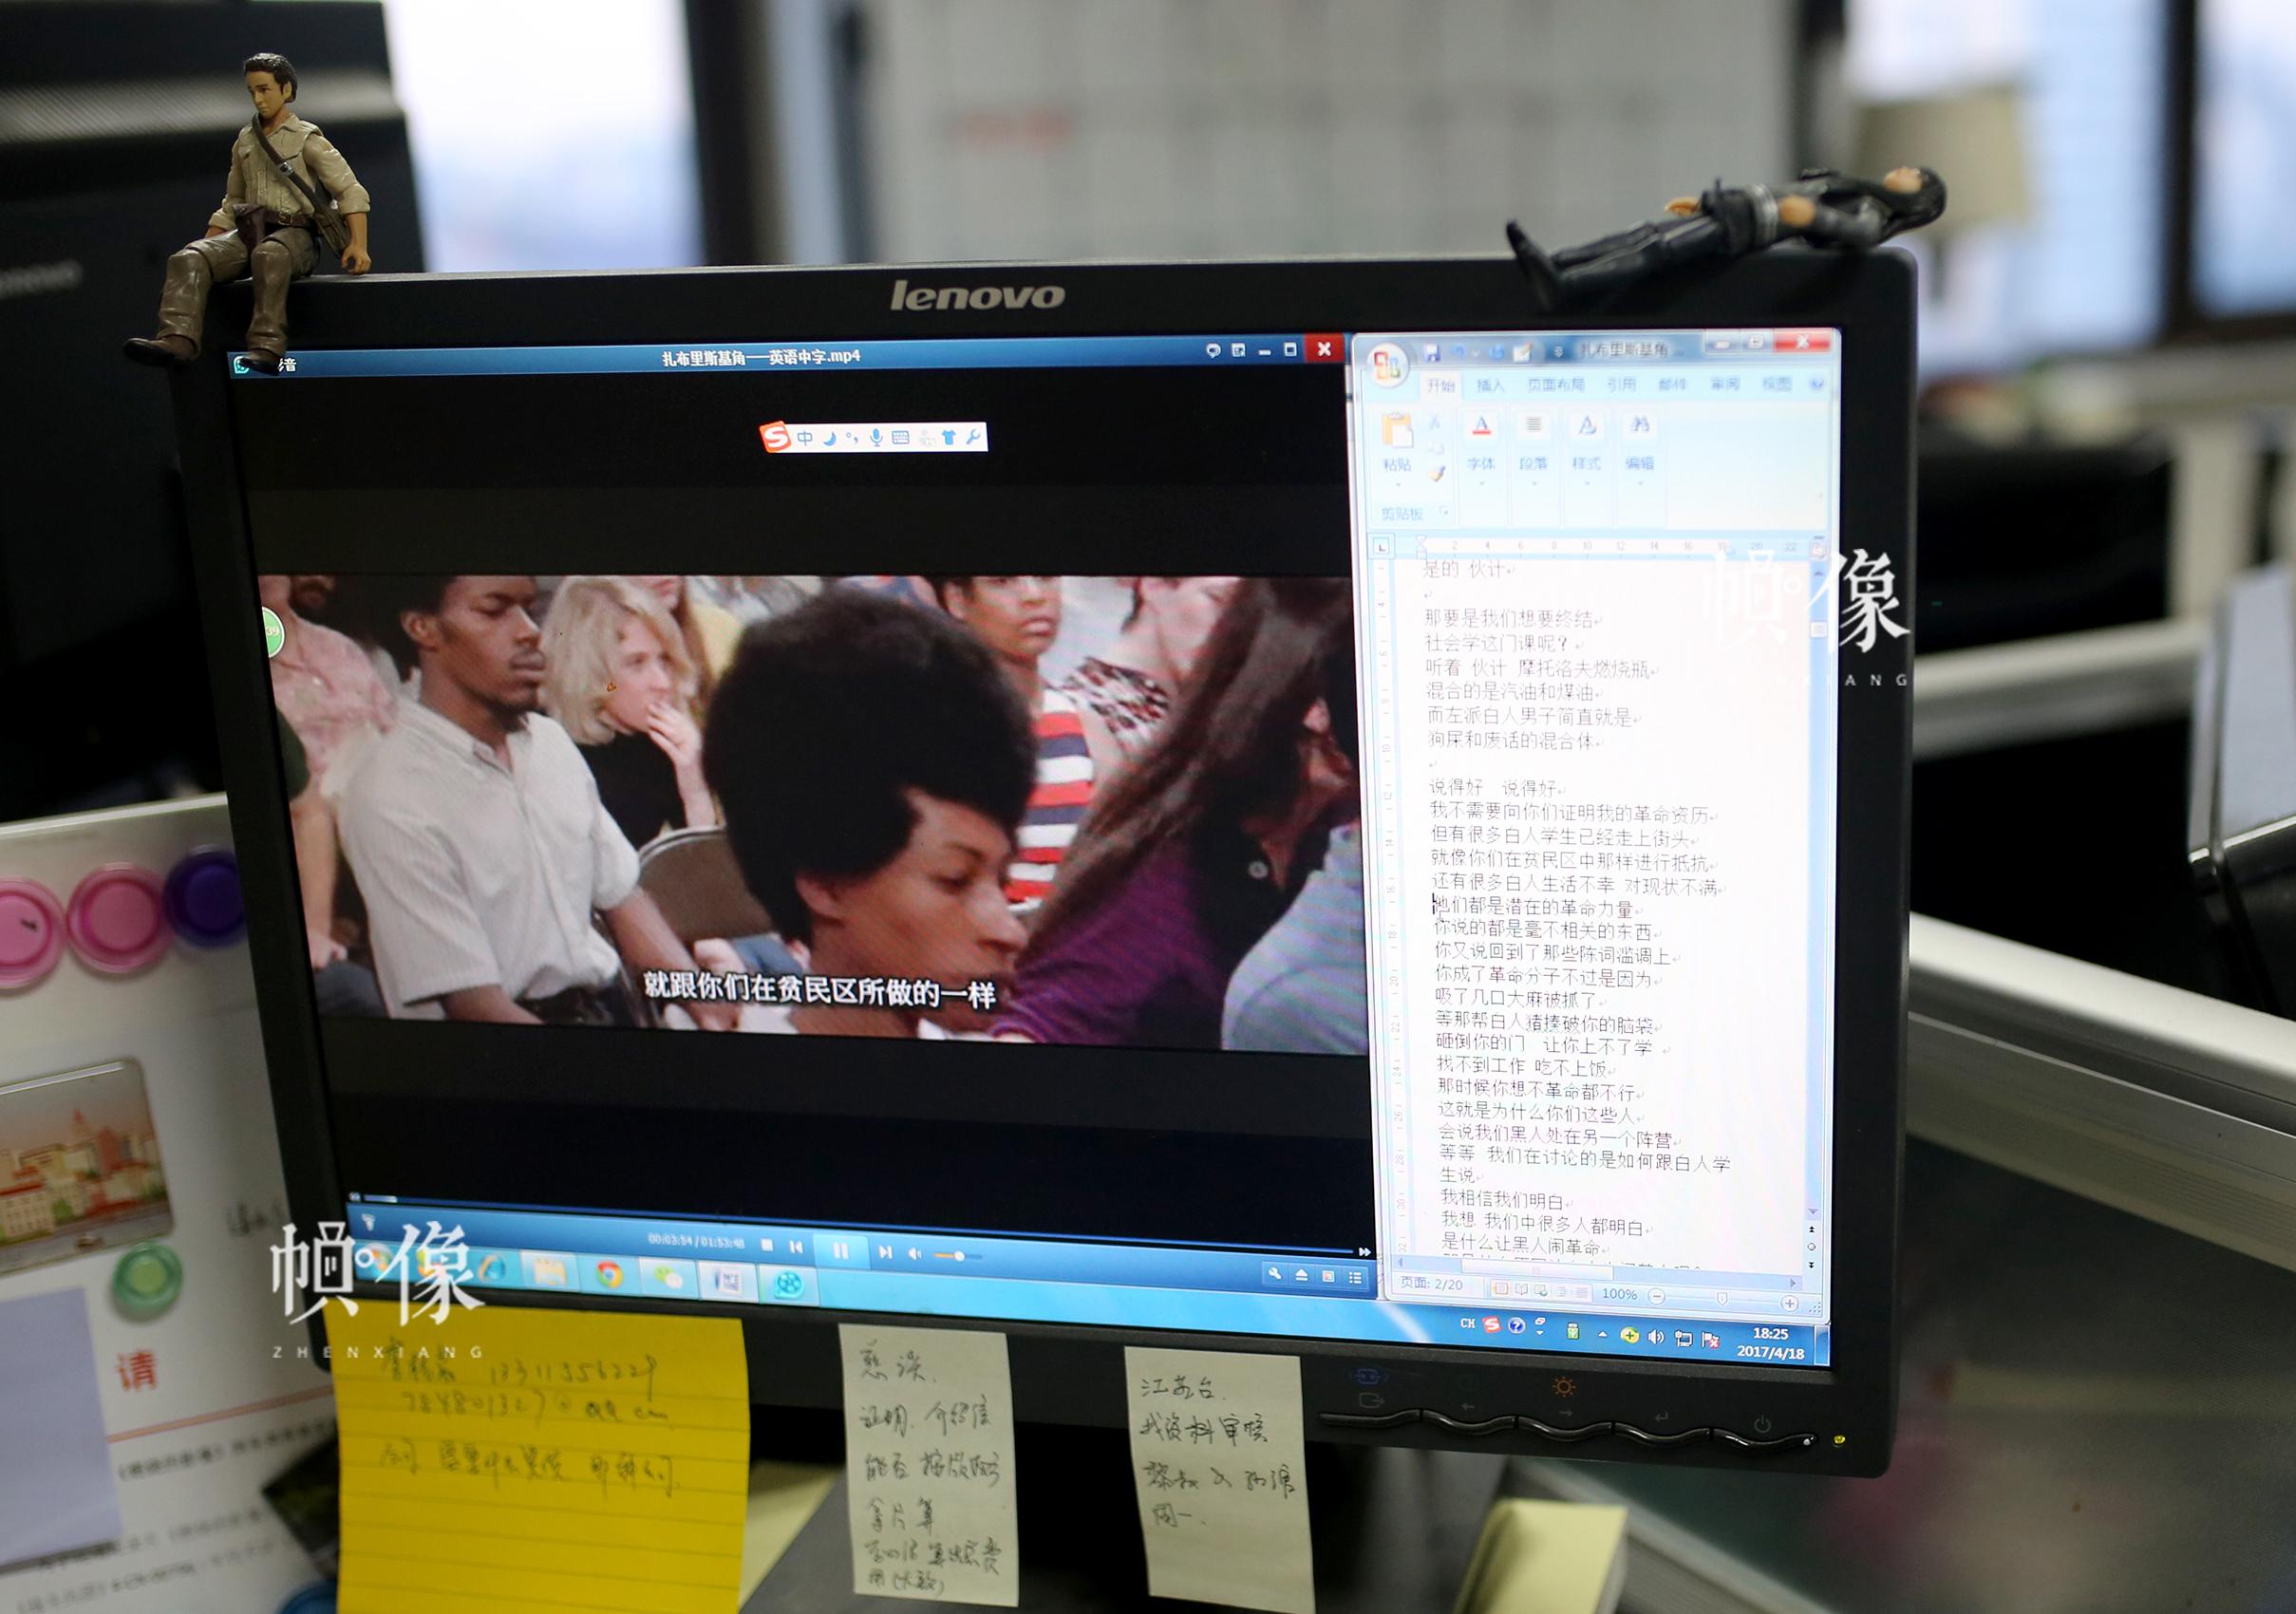 周立烨下班后在电脑上练习电影《扎布里斯基角》的中文字幕。中国网记者 焦源源 摄